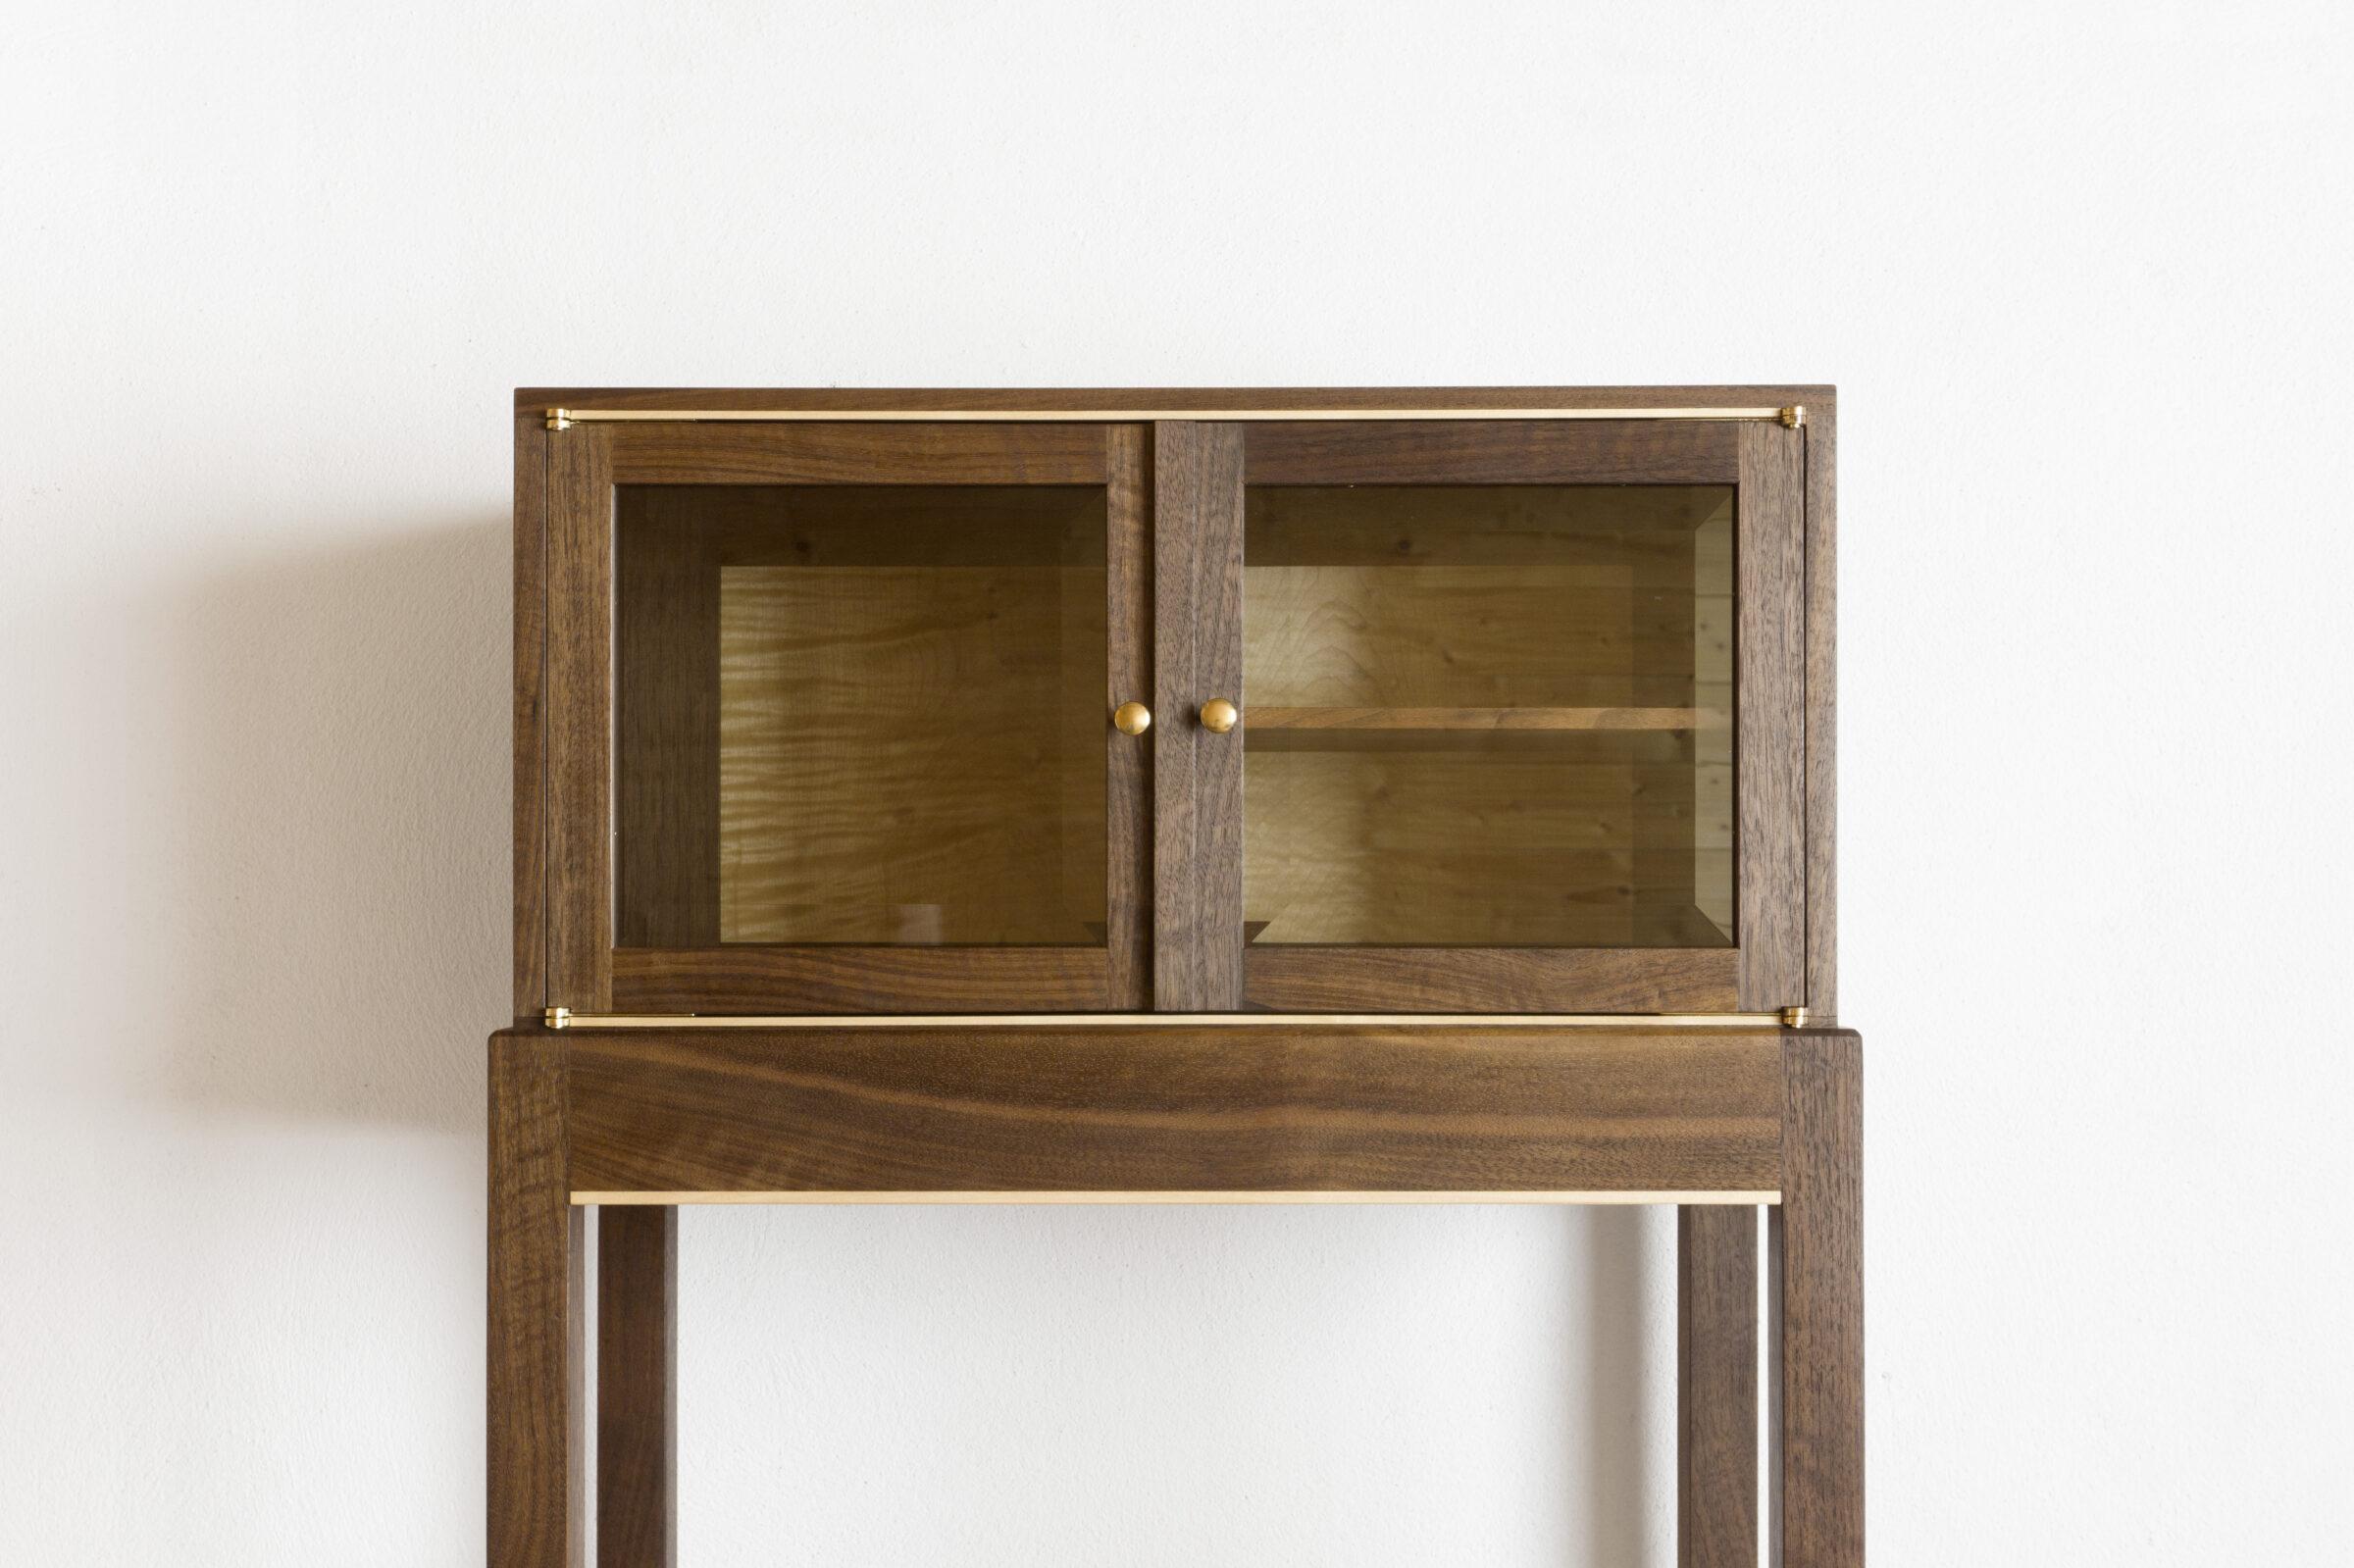 Vitrinenschränkchen, vorne geschlossen, Massivholzmöbel handgemacht, Hochwertige Möbel aus Massivholz, Holzoberflächen handgehobelt, Einzelmöbelstücke, The Trees of Life